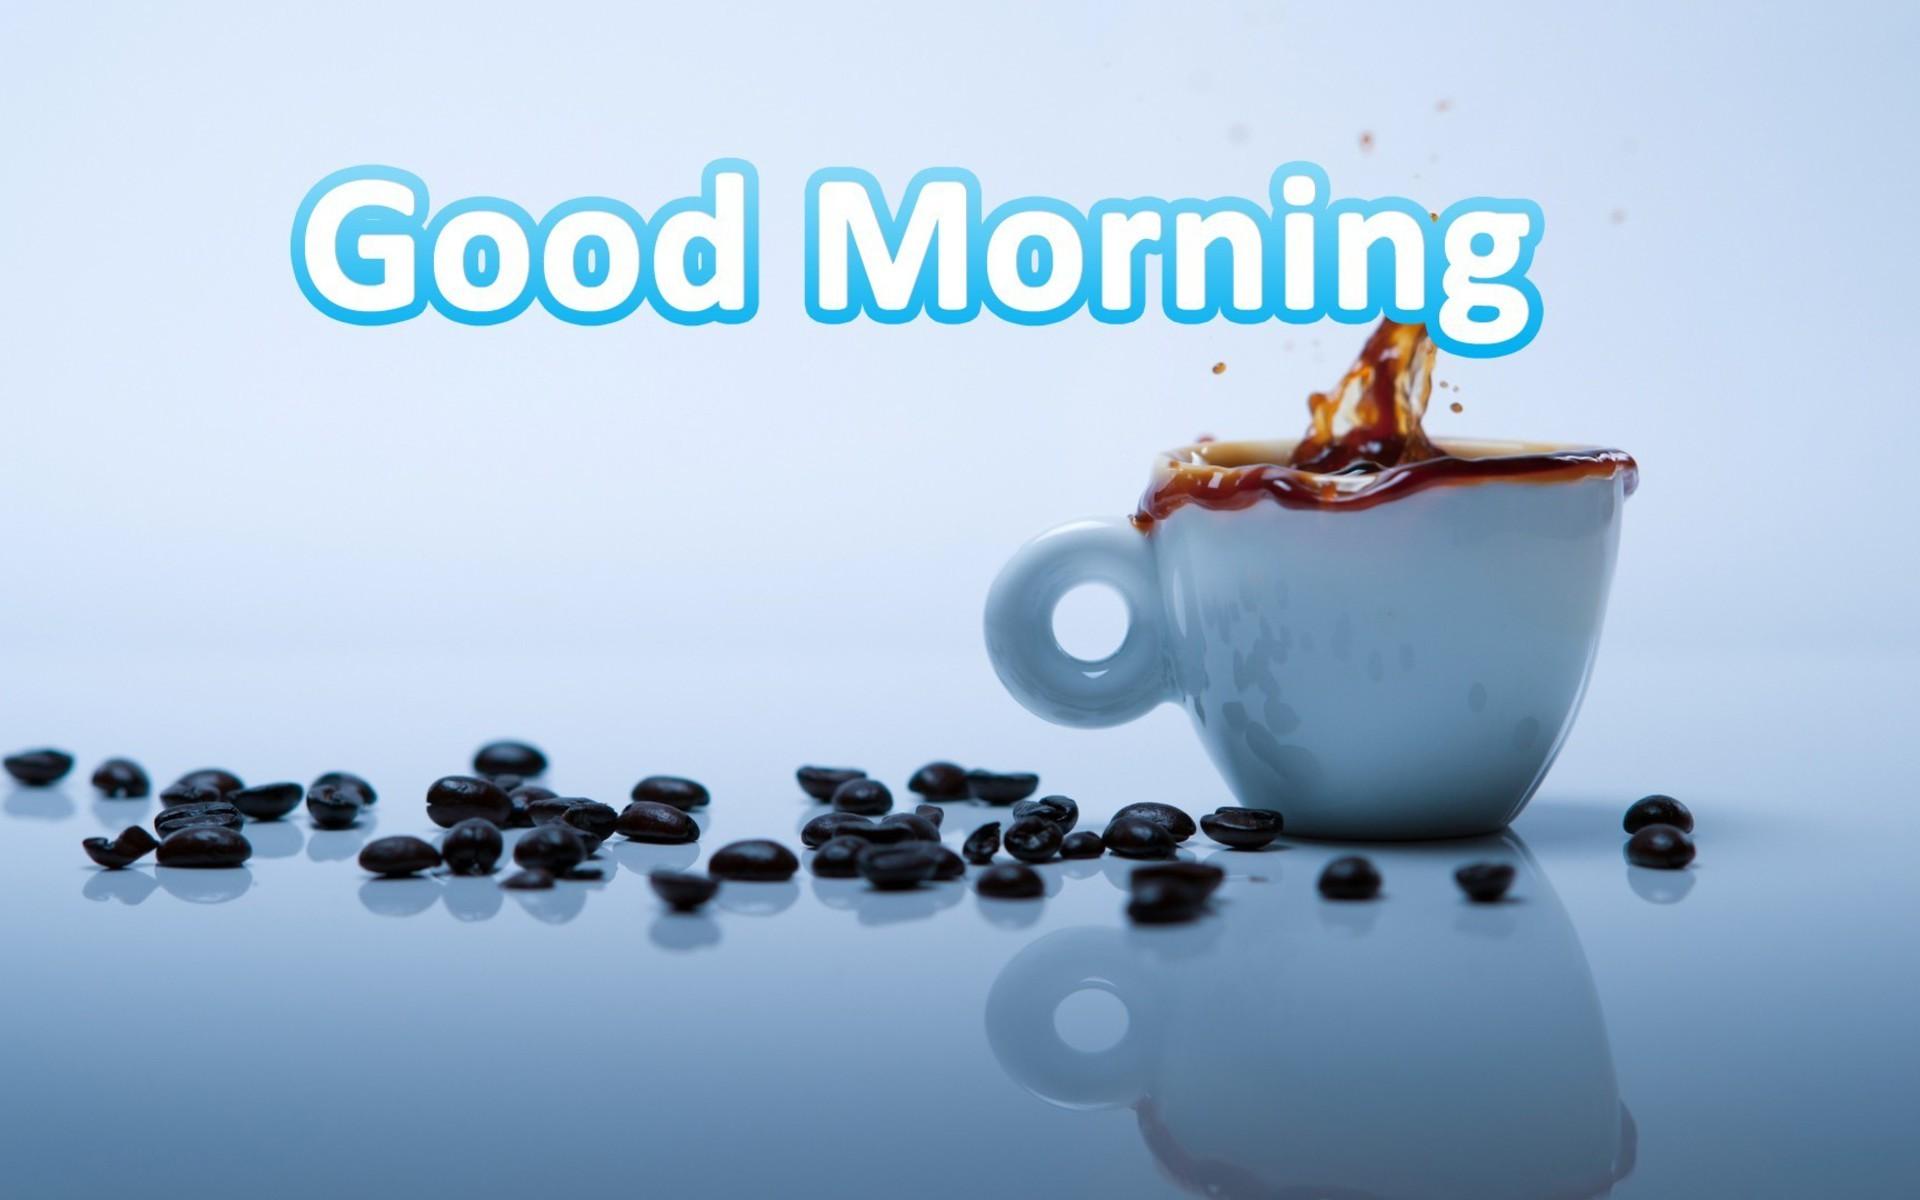 hình ảnh chúc mừng ngày mới - Good Morning số 35